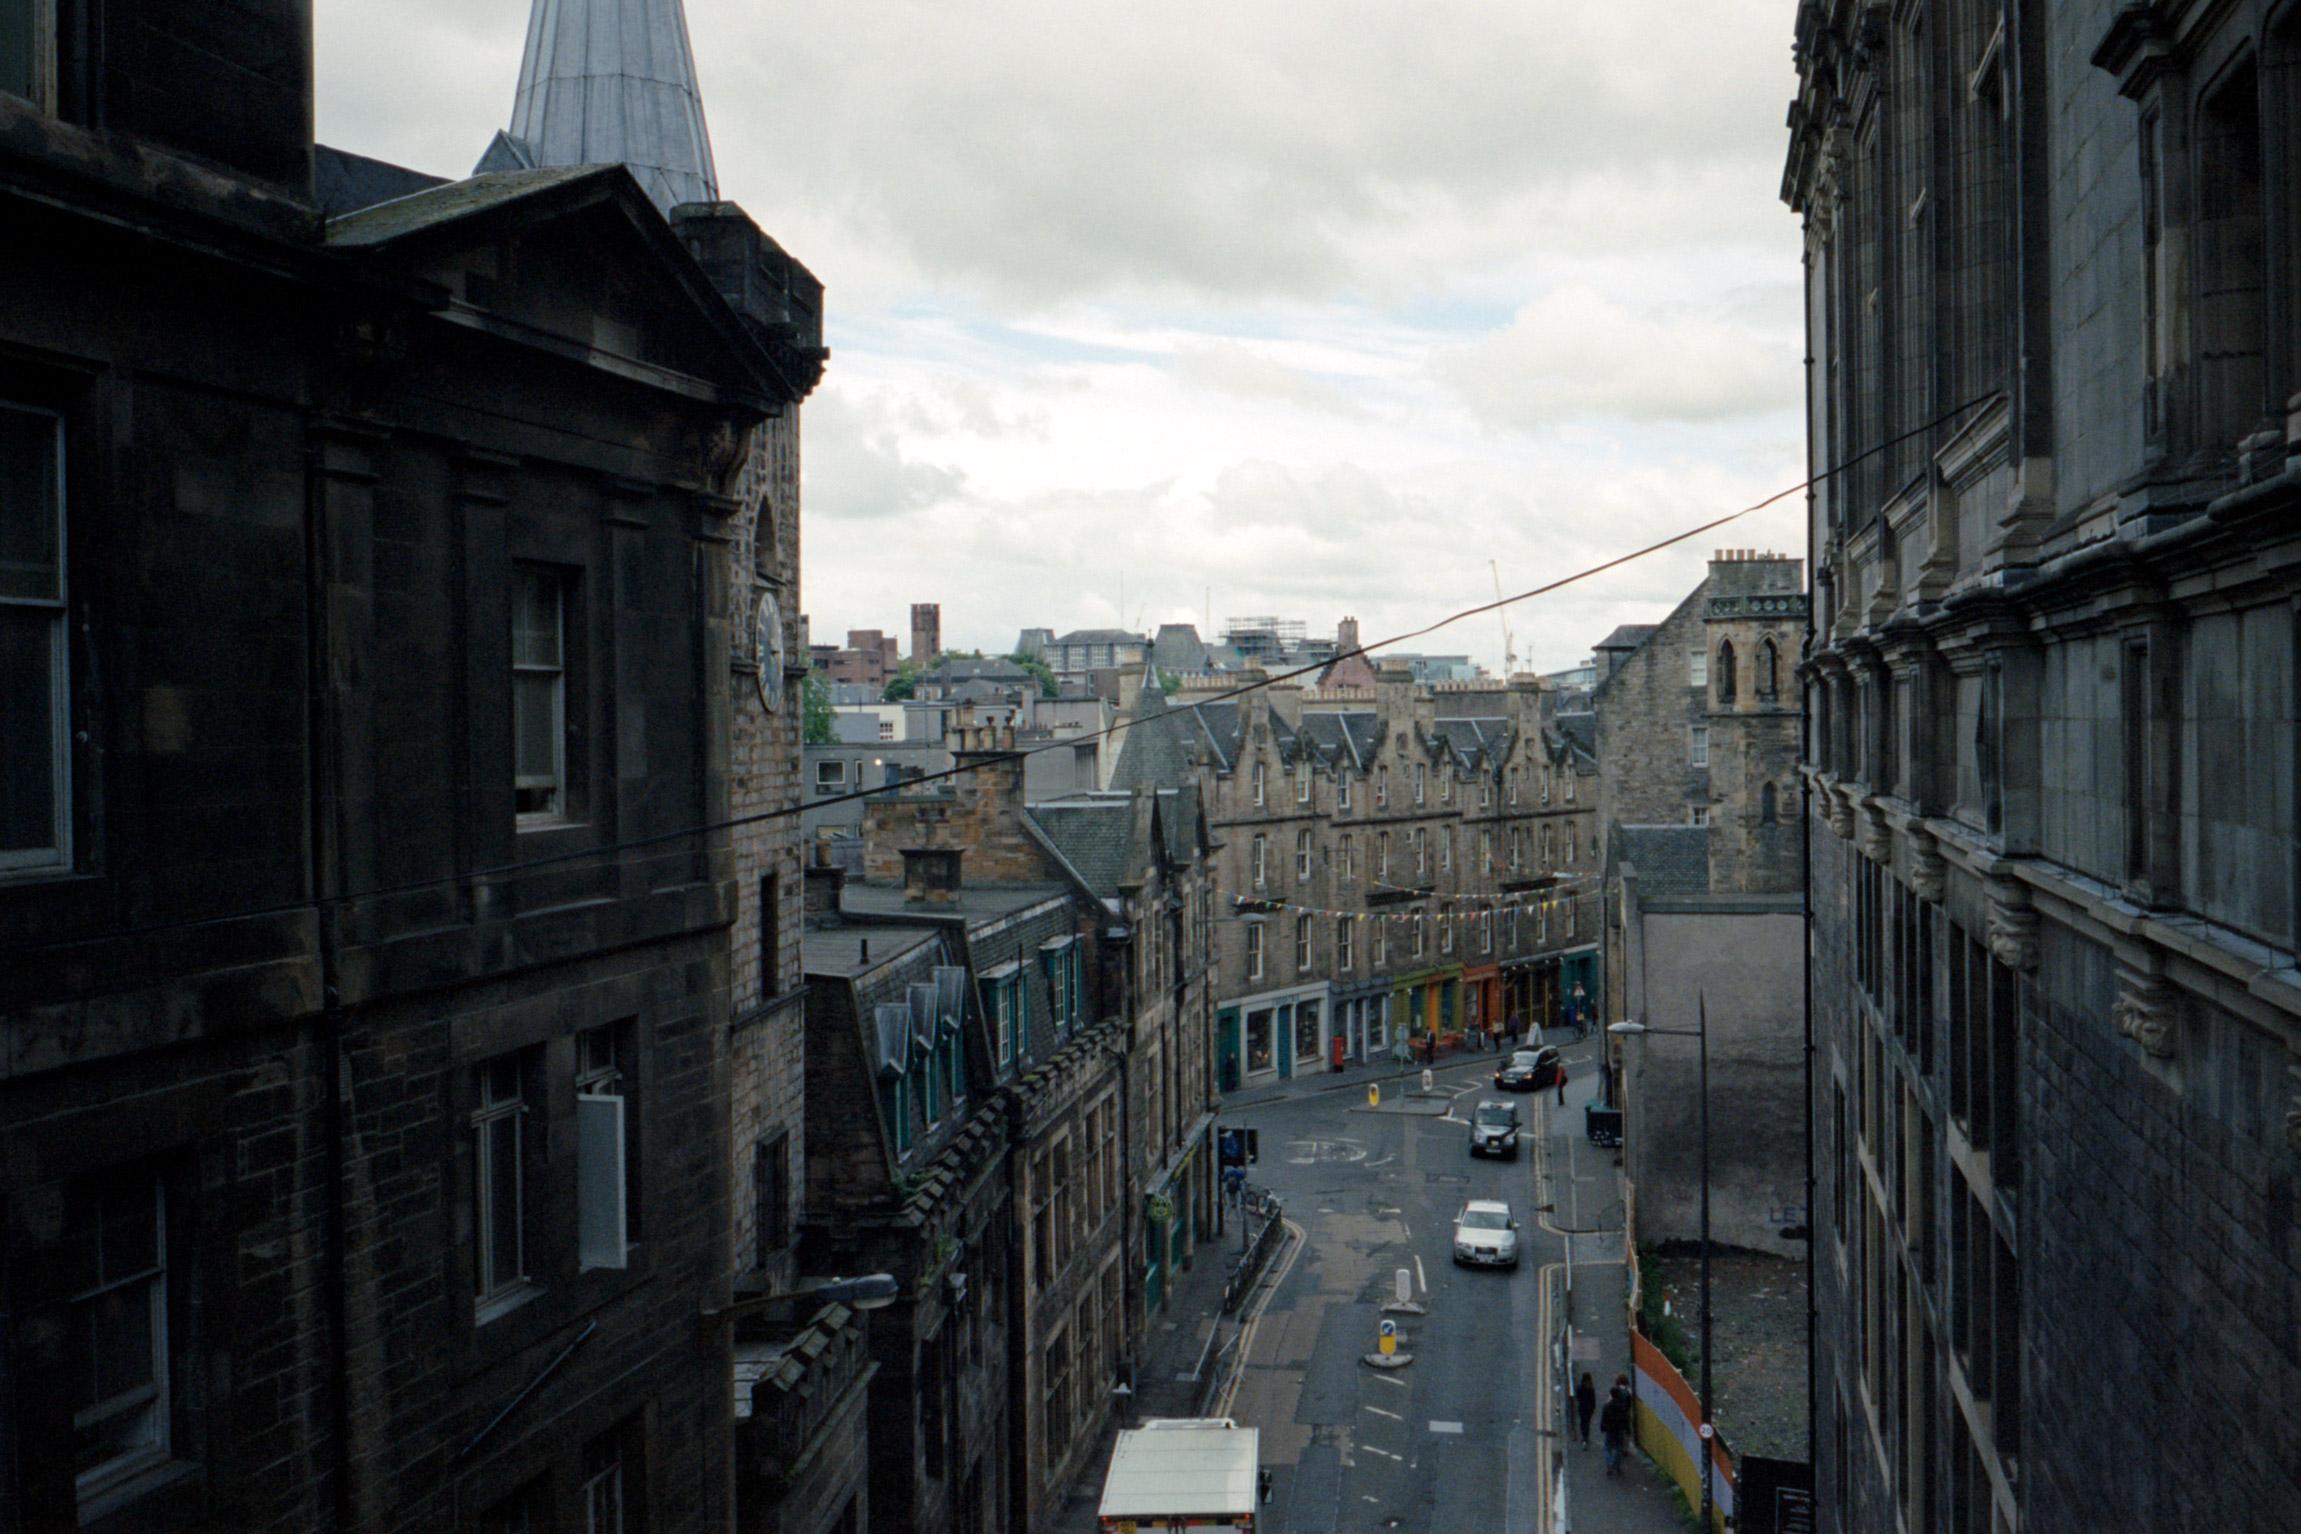 20170701_Scotland-M5-KodakPortra400_016-2.jpg